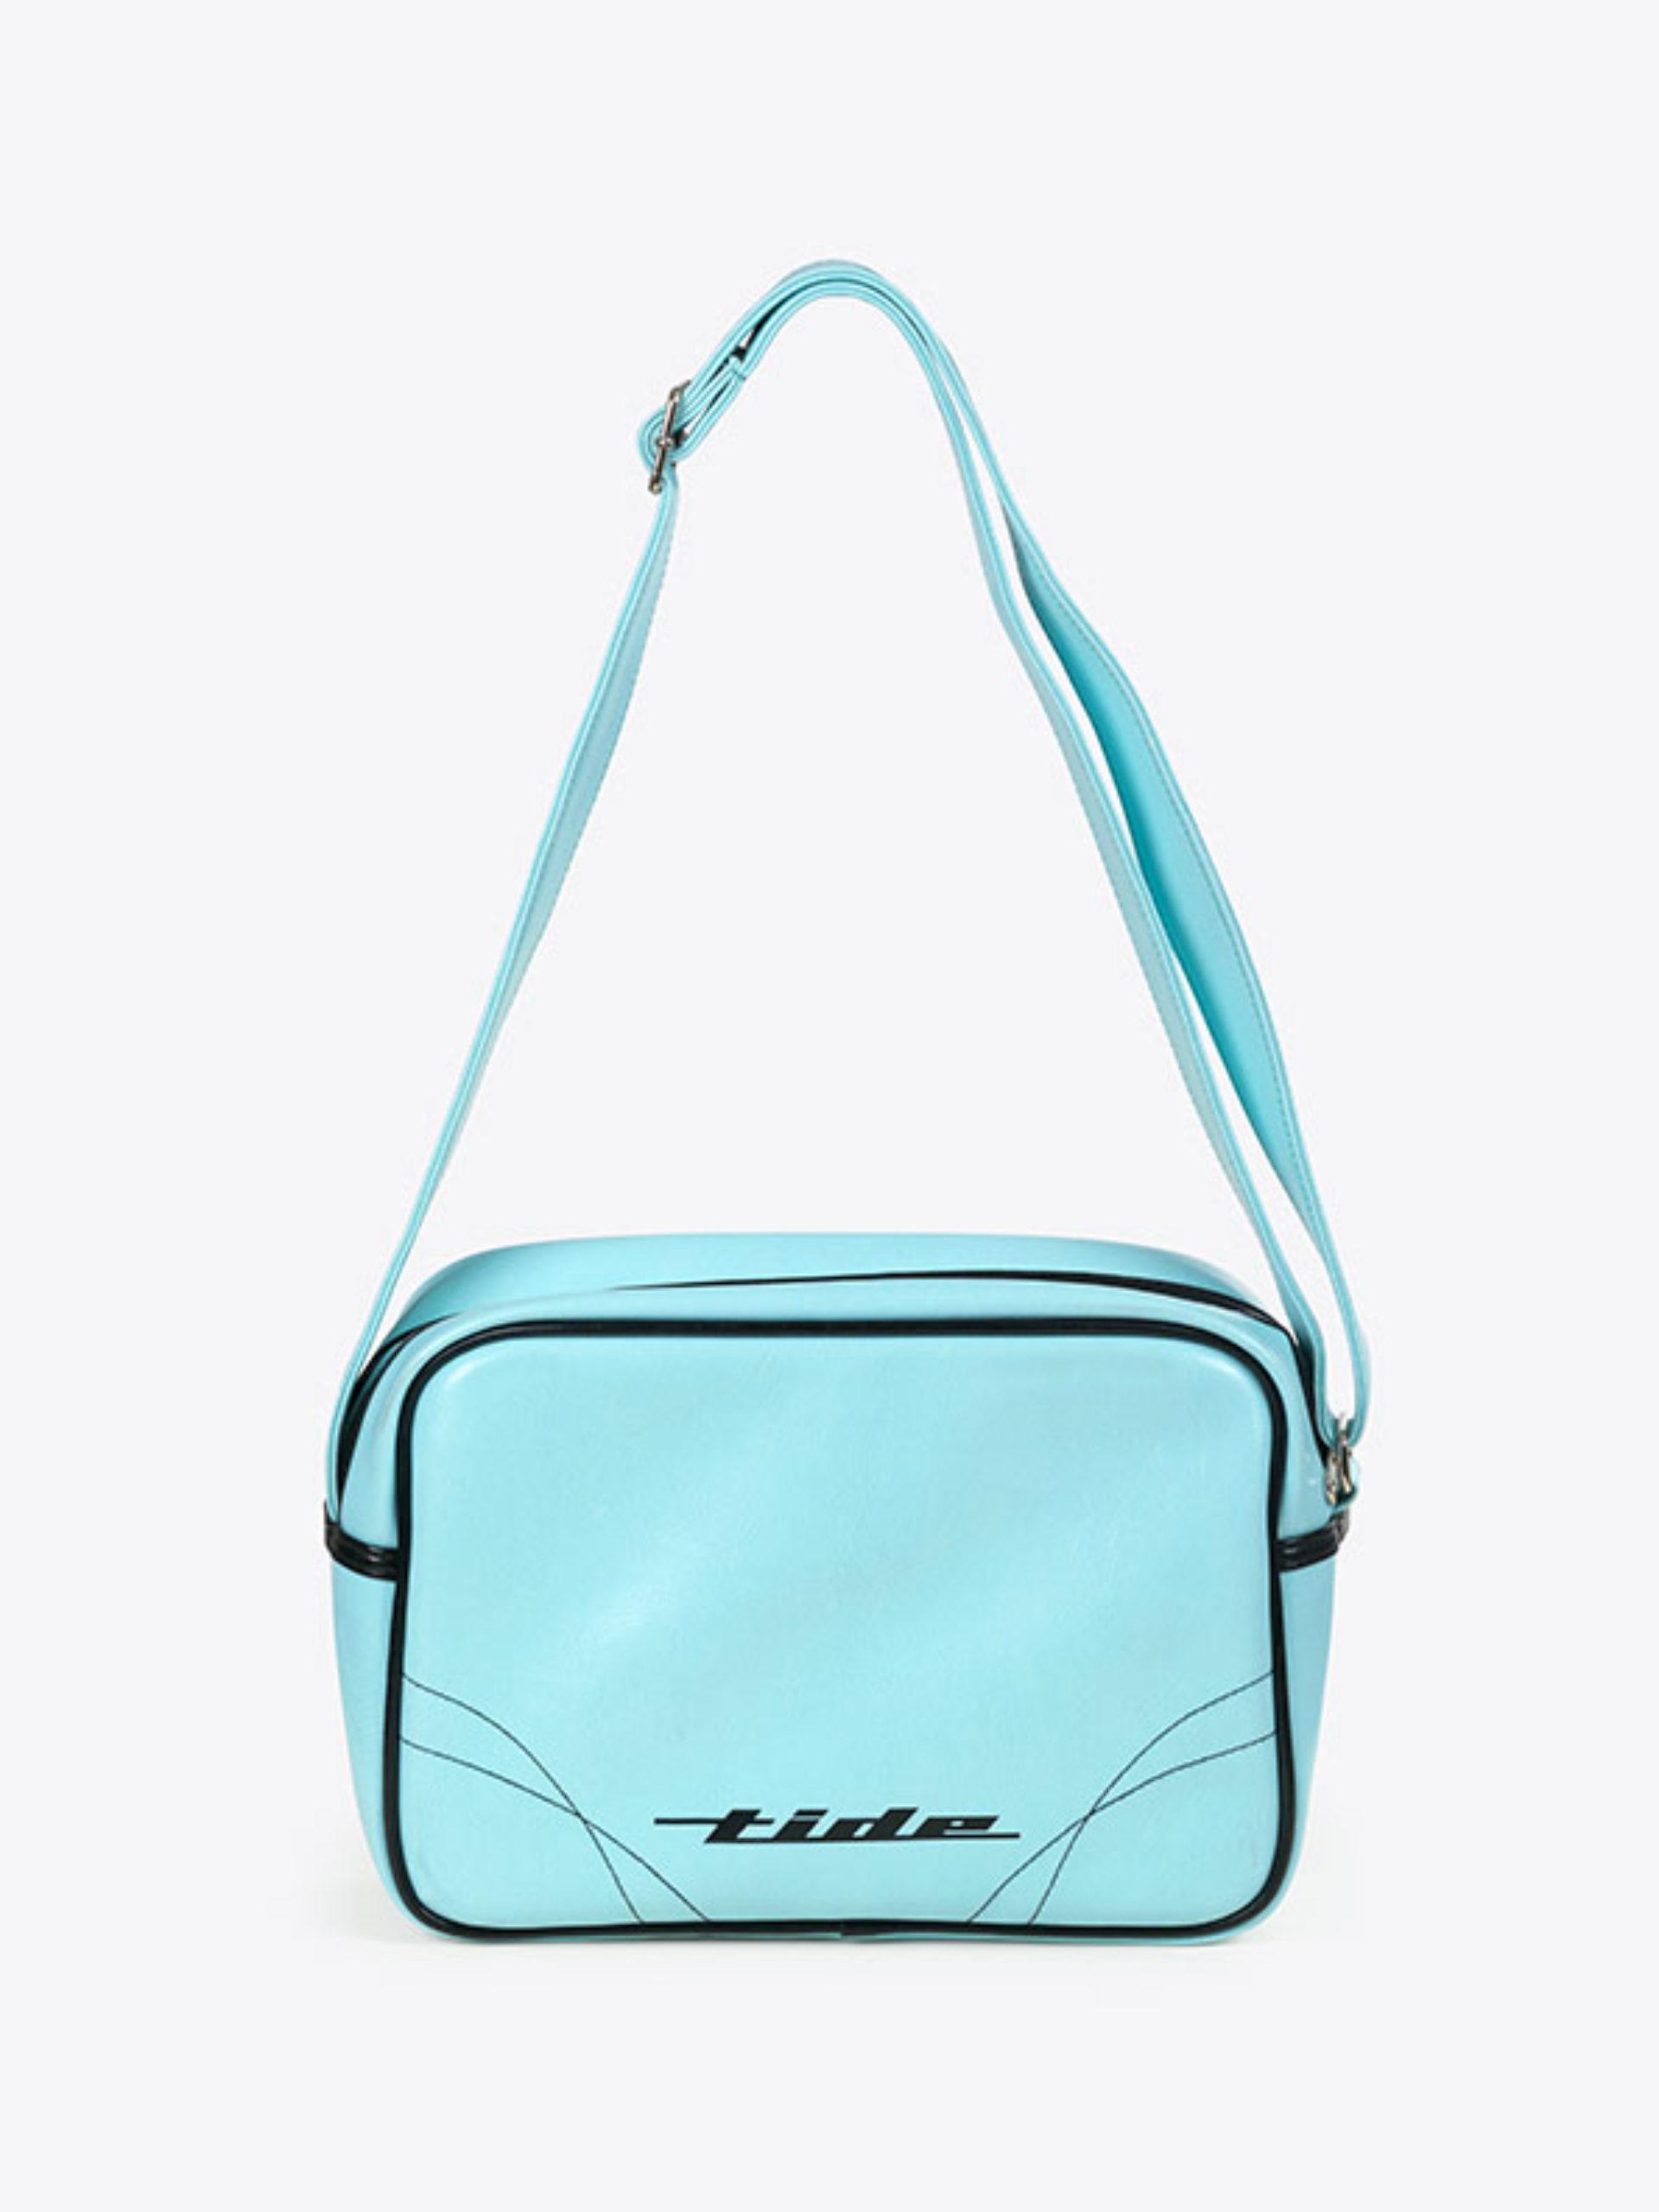 Retro Bag Vintage Tasche Mit Logo Bedrucken